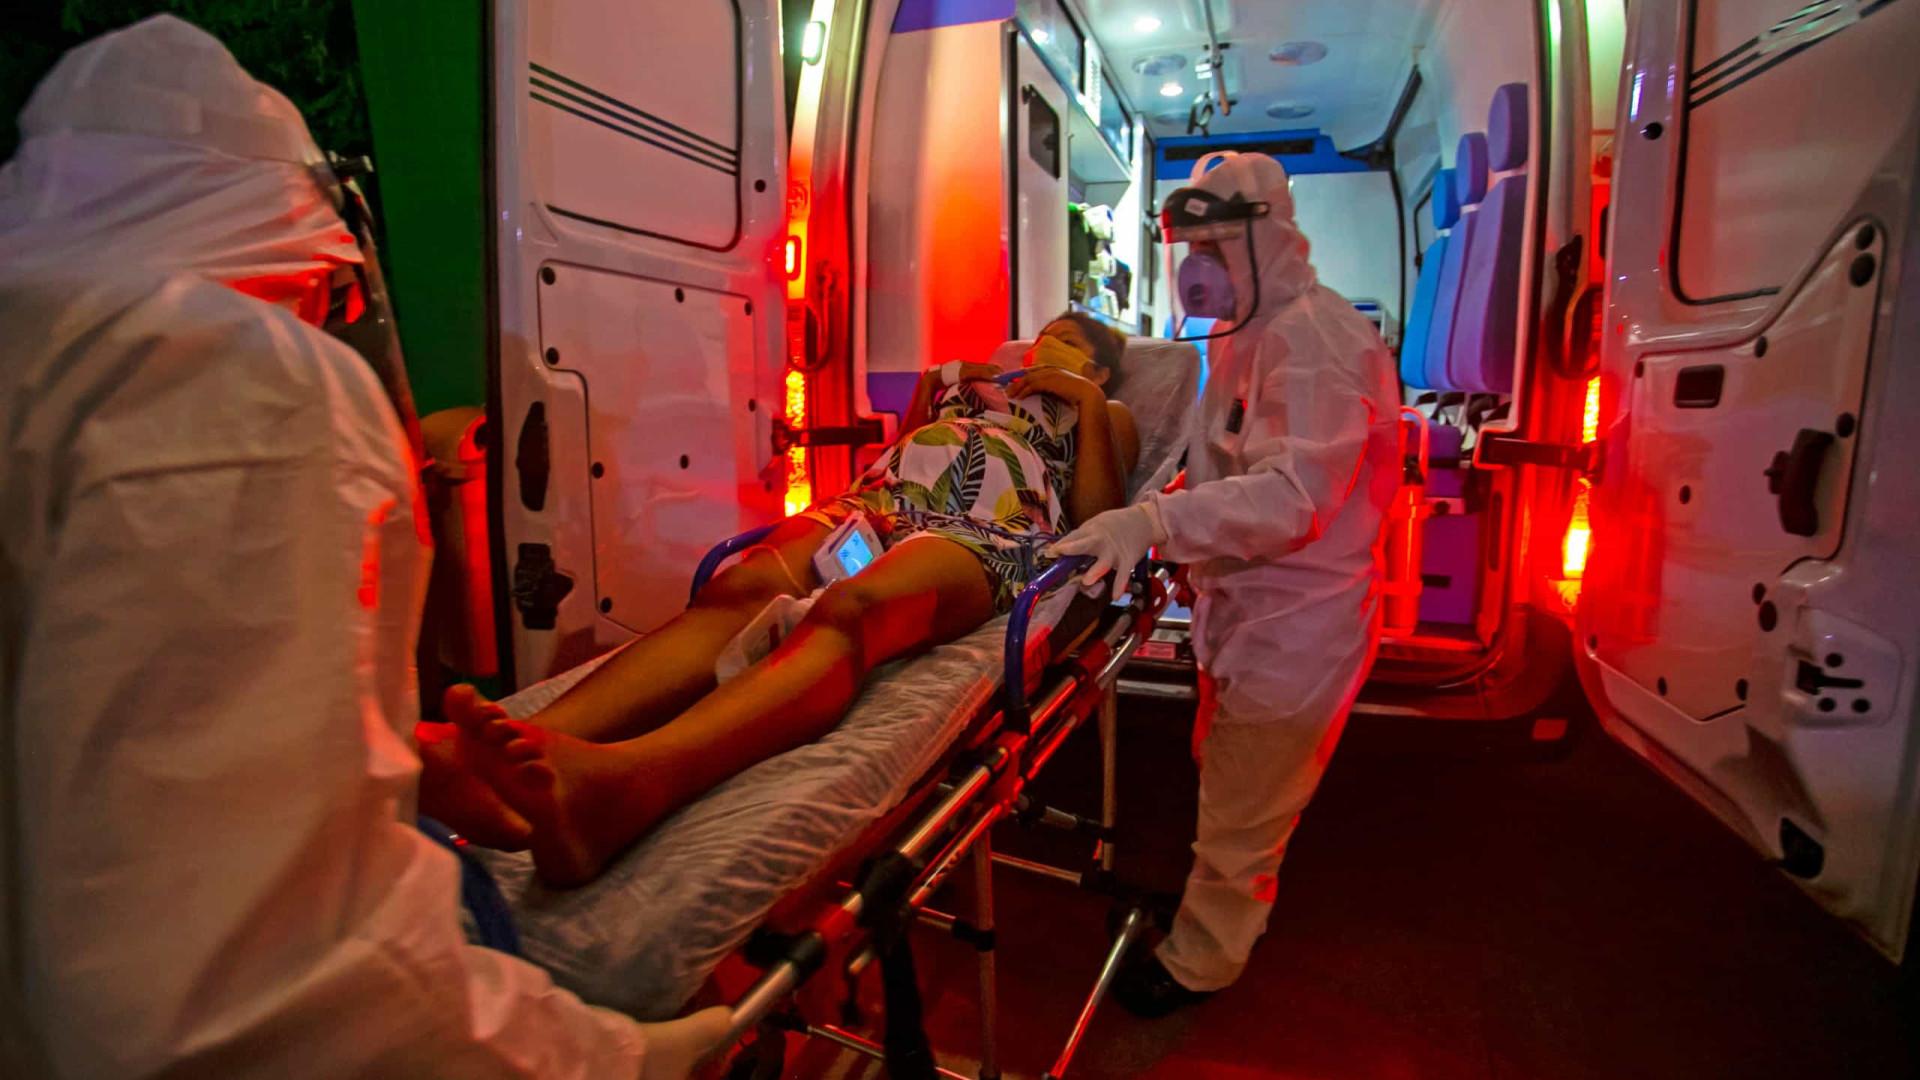 Brasil registra 1.054 mortes por Covid em 24h e passa dos 408 mil óbitos